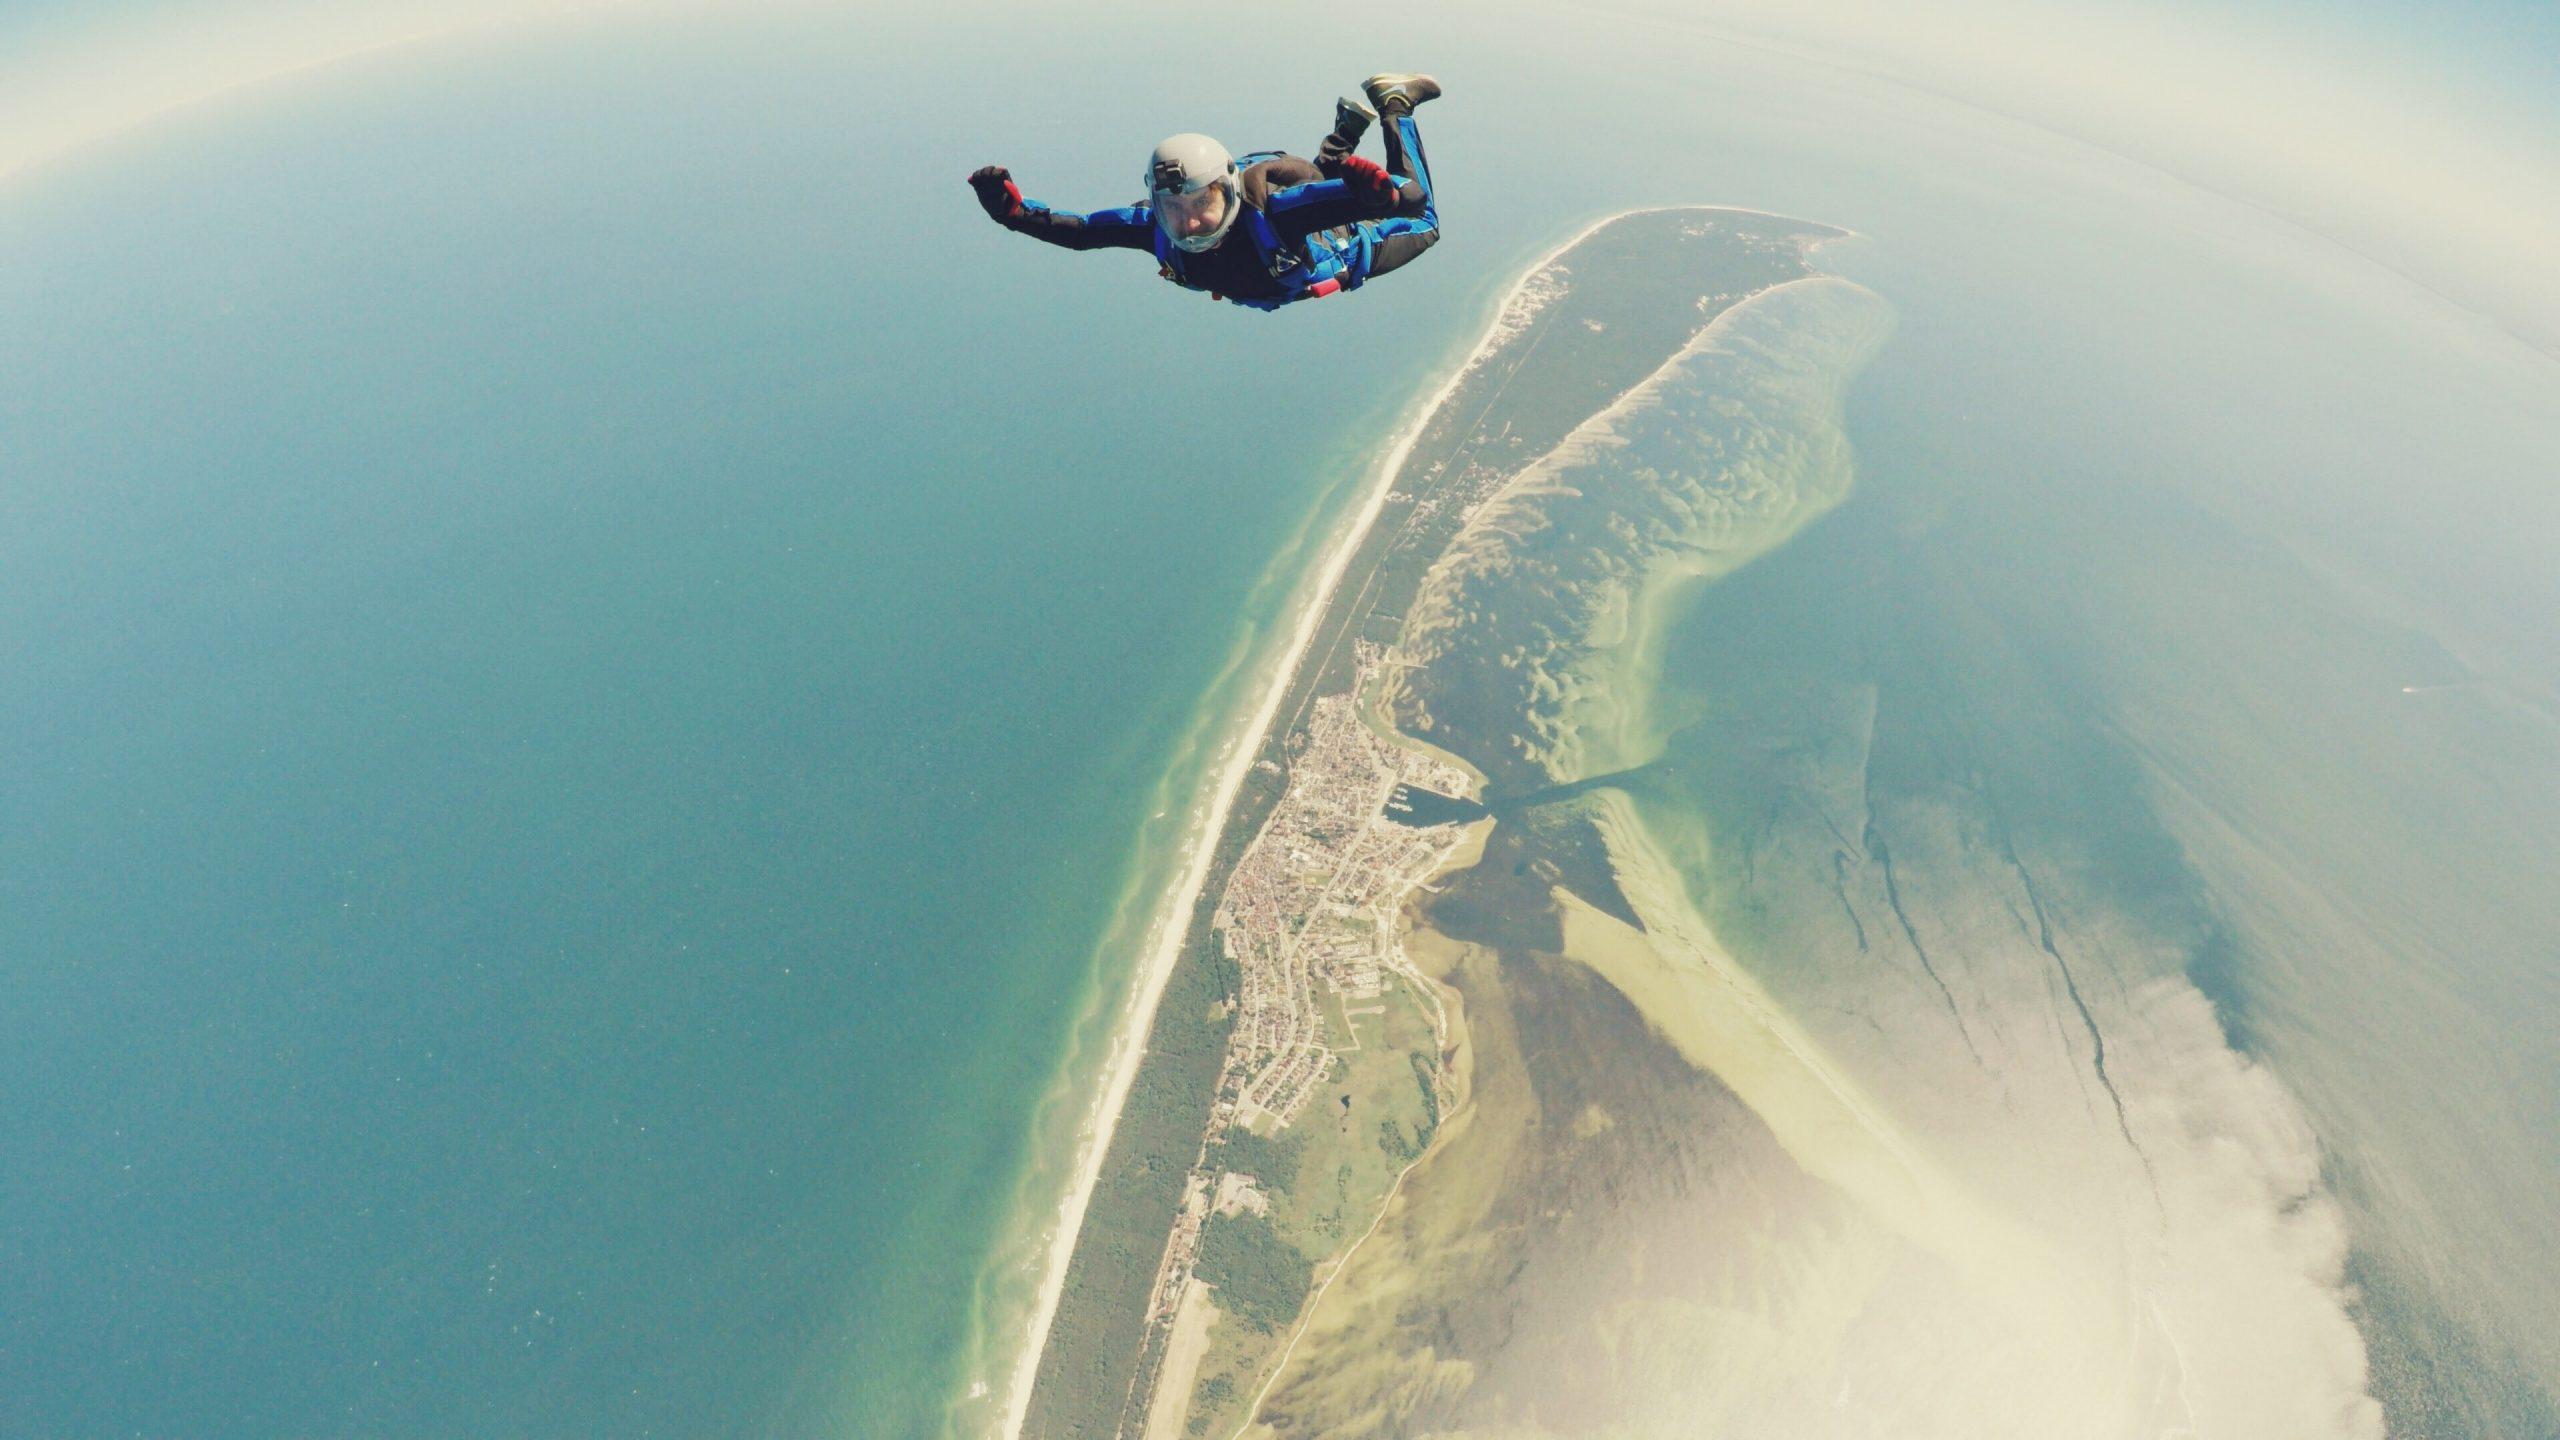 Gründe, Fallschirmspringen mindestens einmal in Ihrem Leben auszuprobieren.